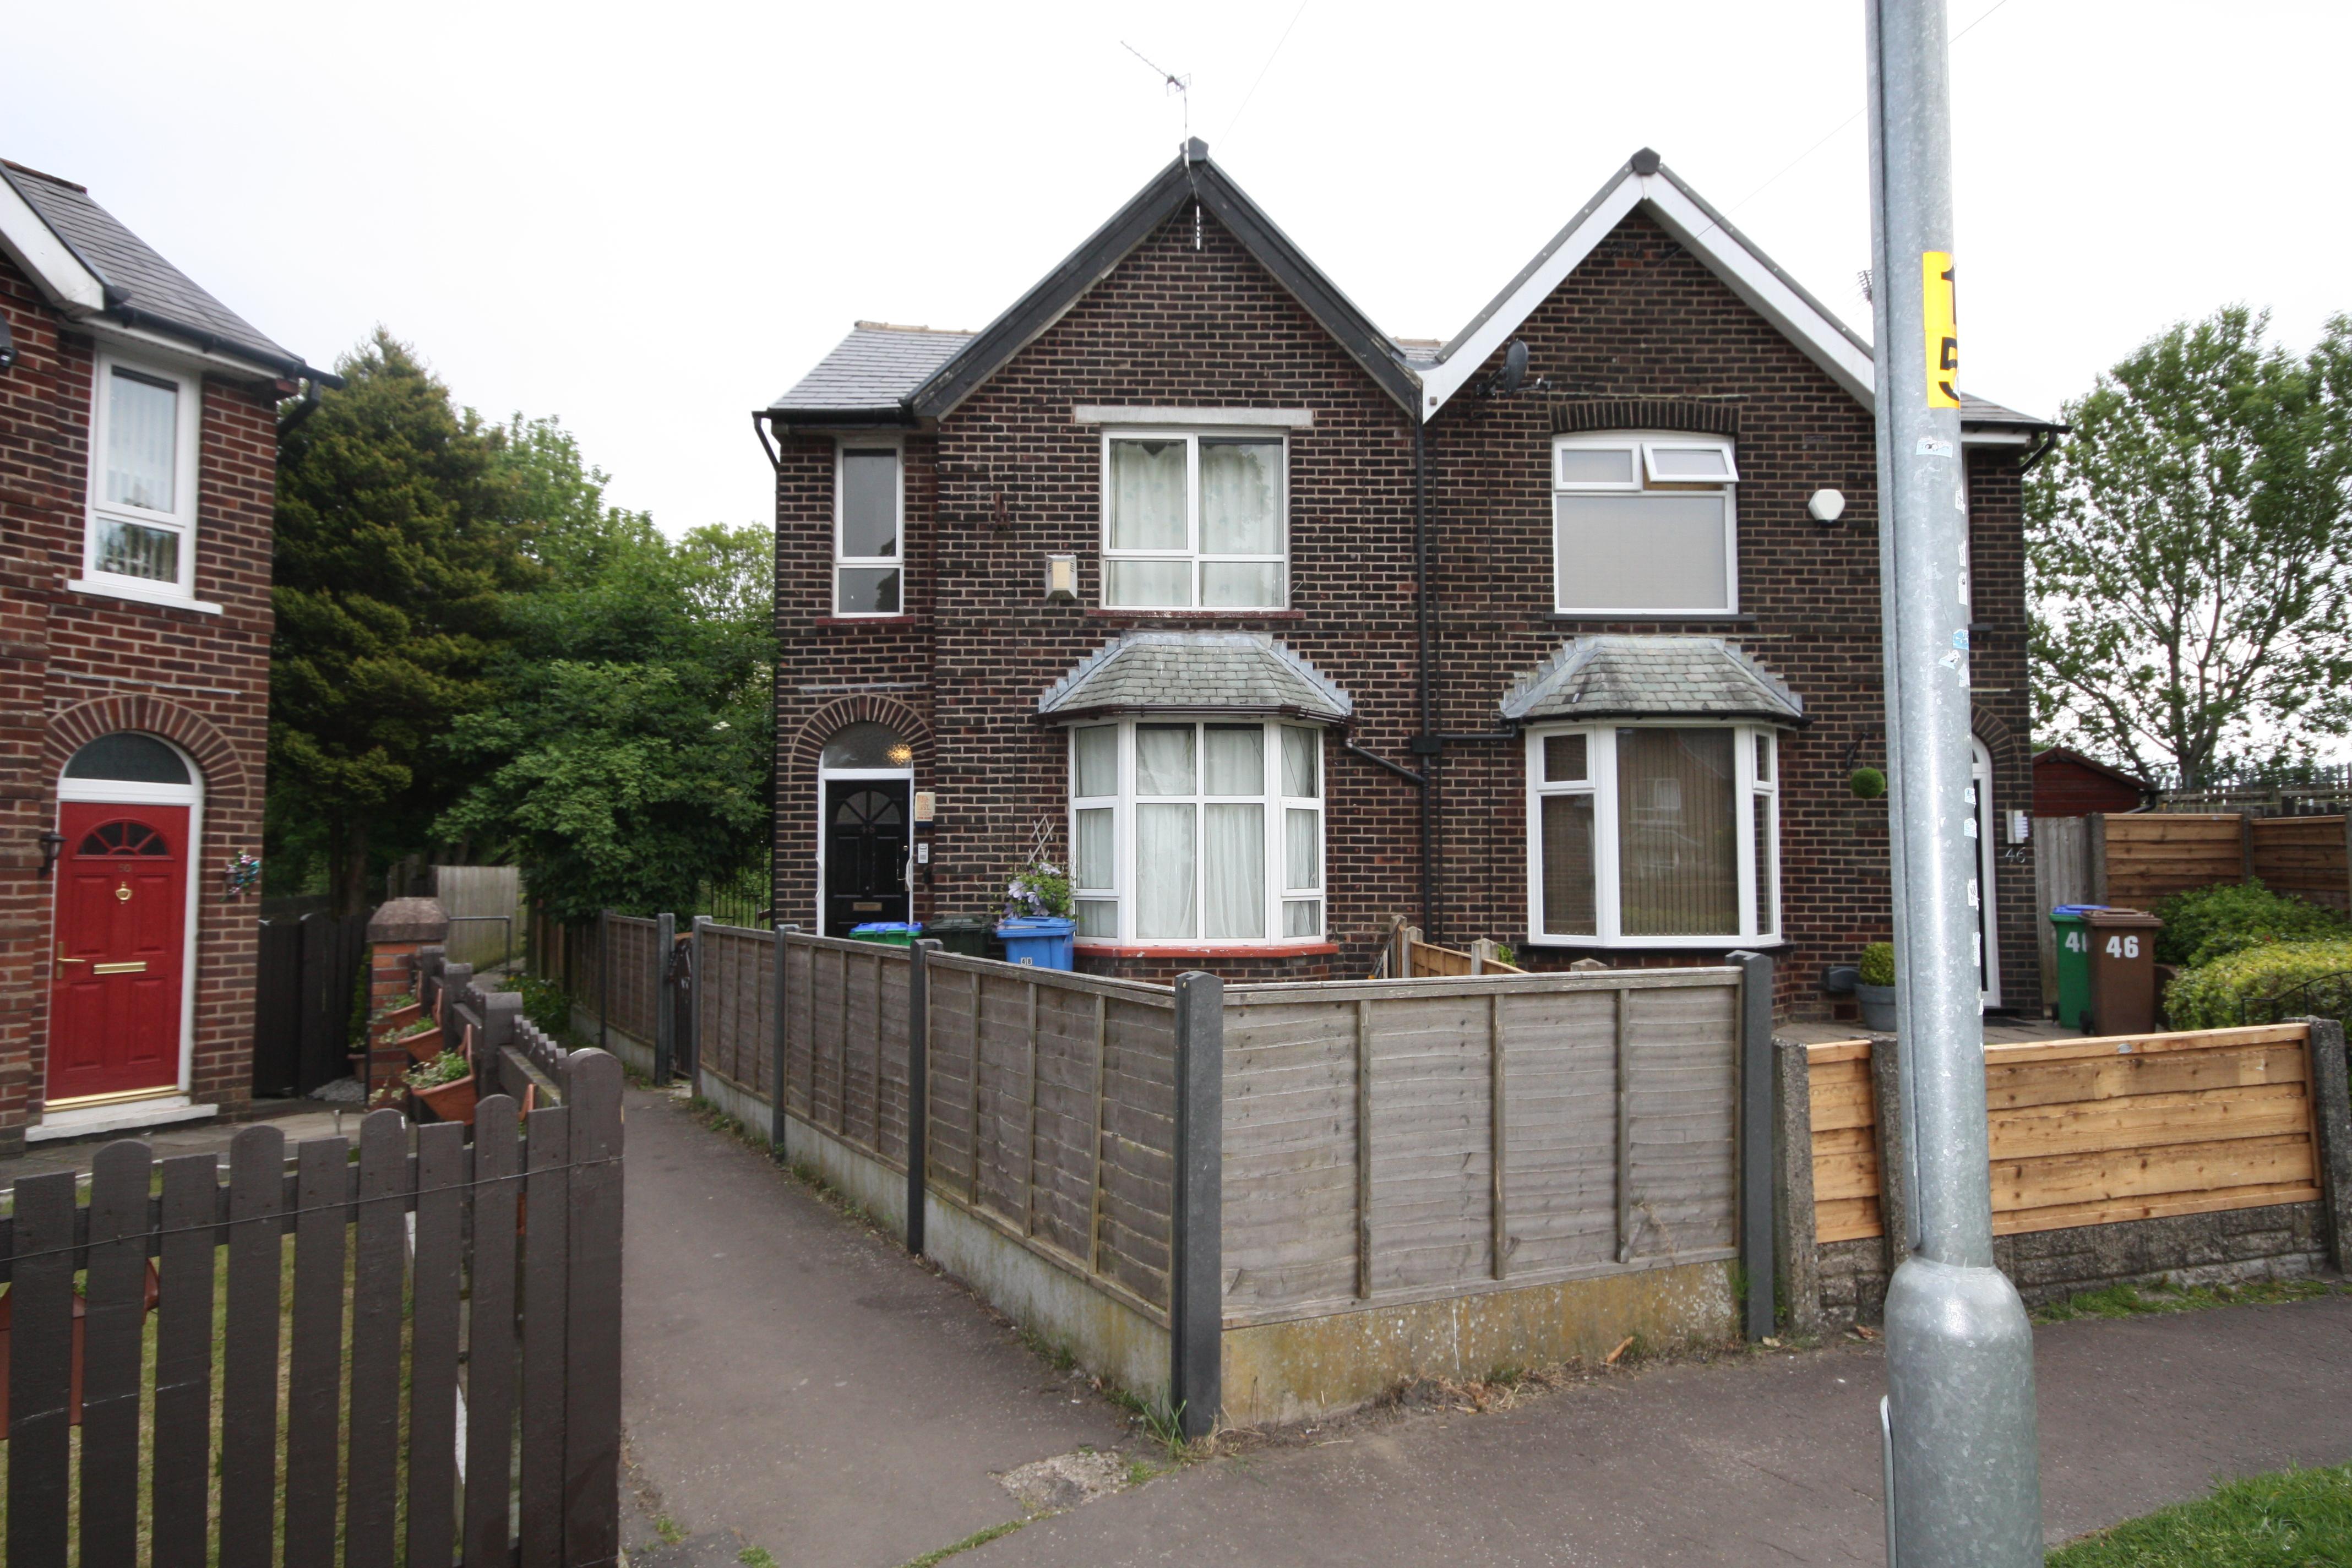 48 Holborn Street Brimrod, Rochdale